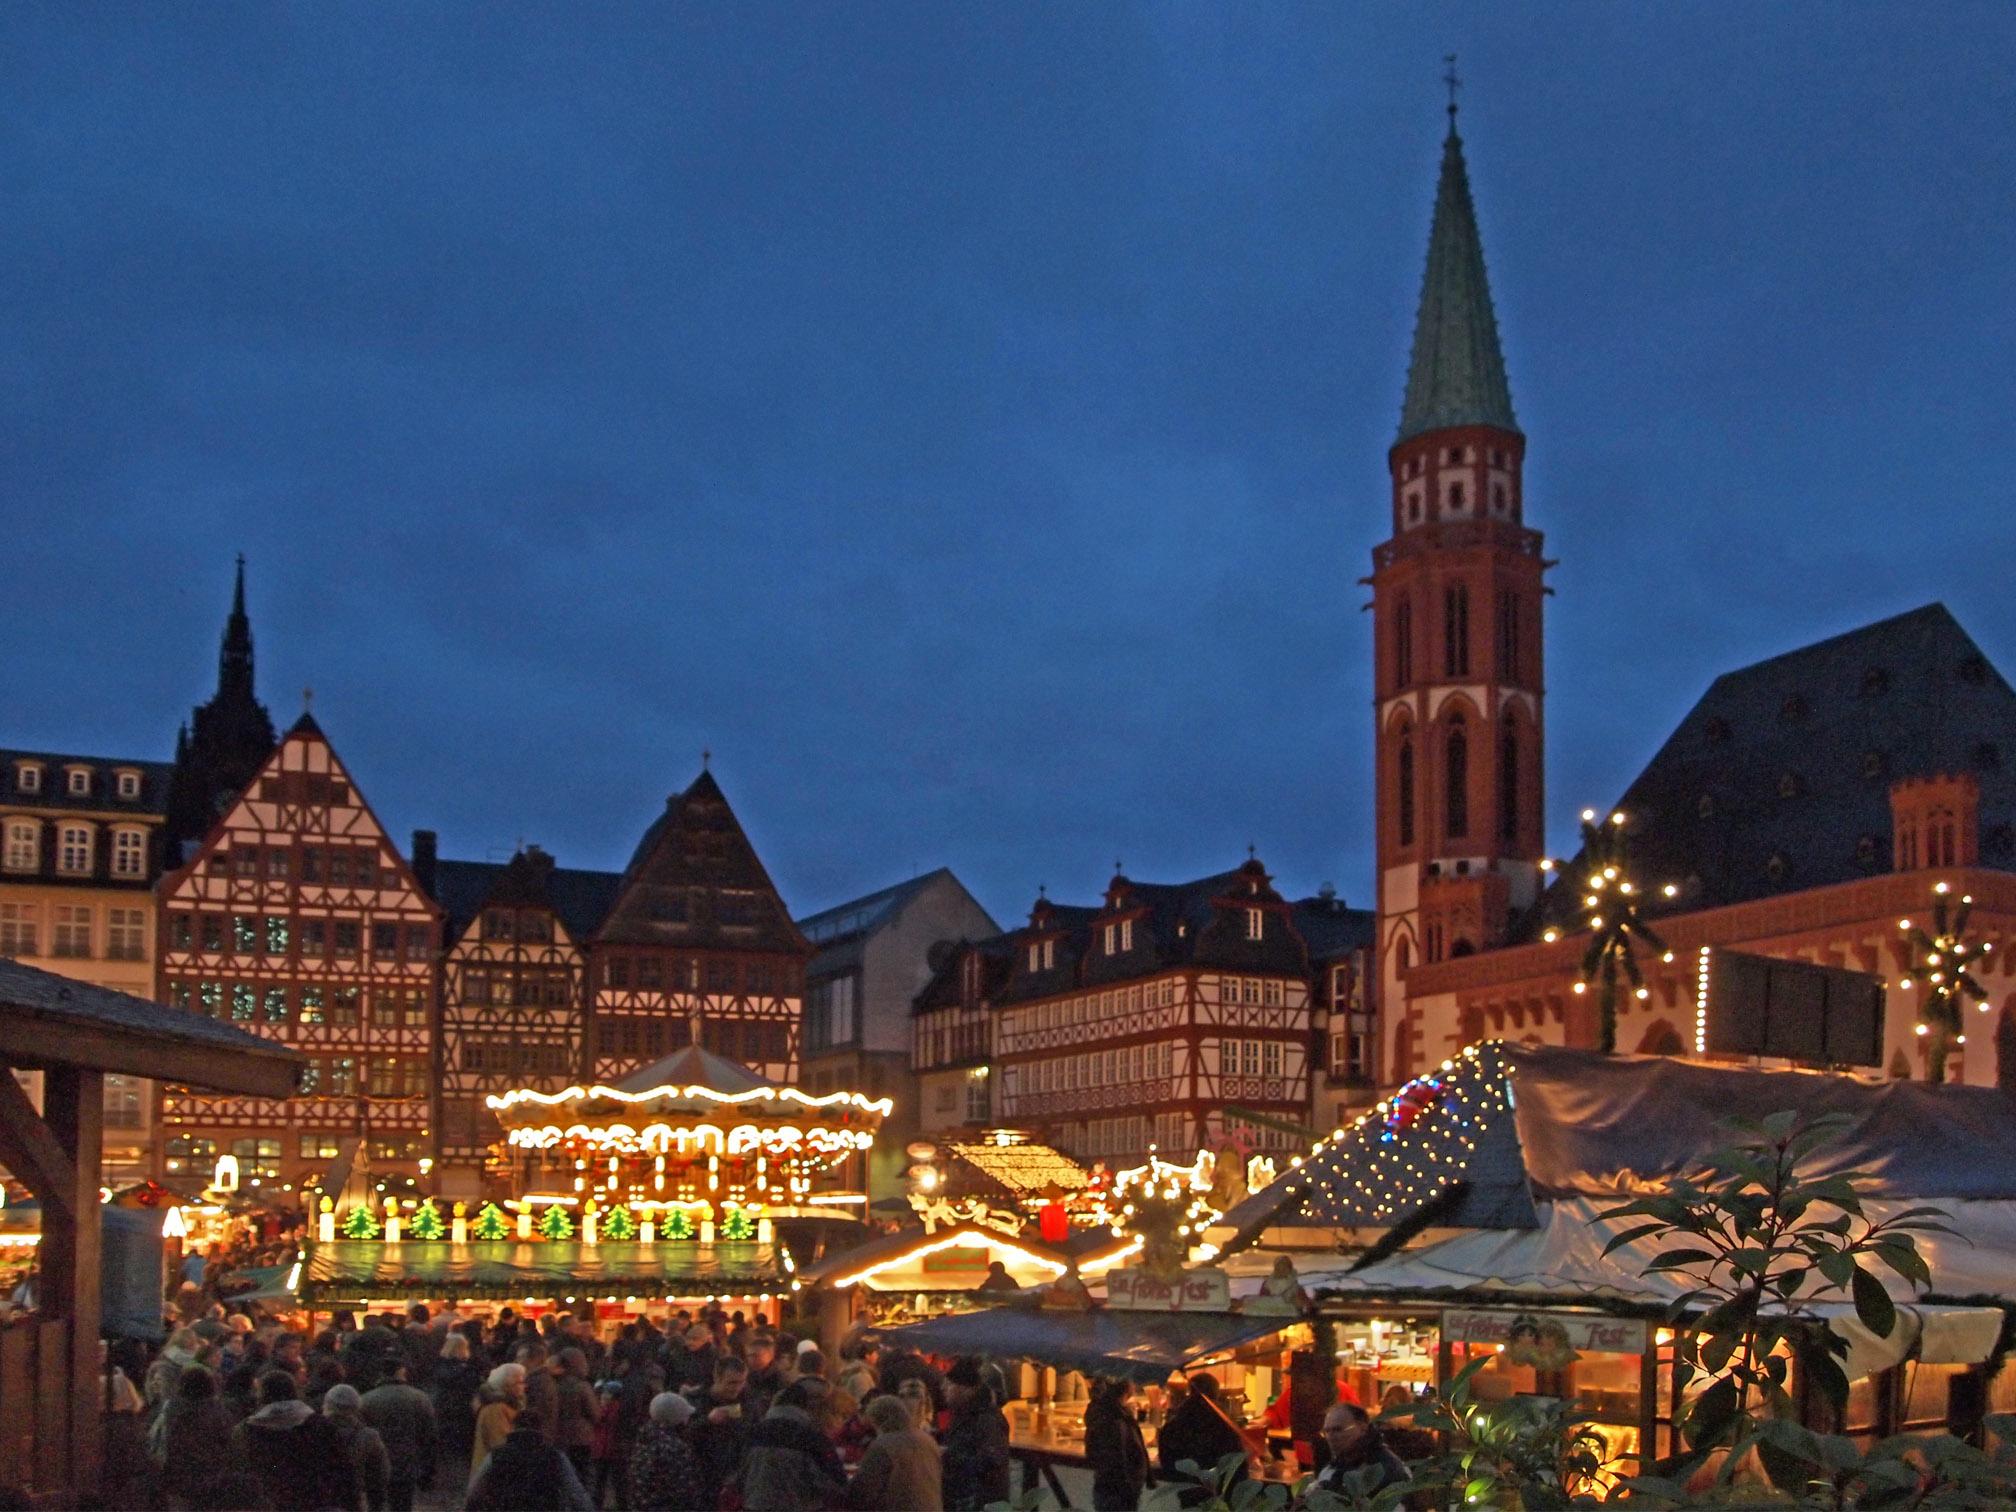 Weihnachtsmarkt Frankfurt Main.File Weihnachtsmarkt Frankfurt 509 Vls H Jpg Wikimedia Commons